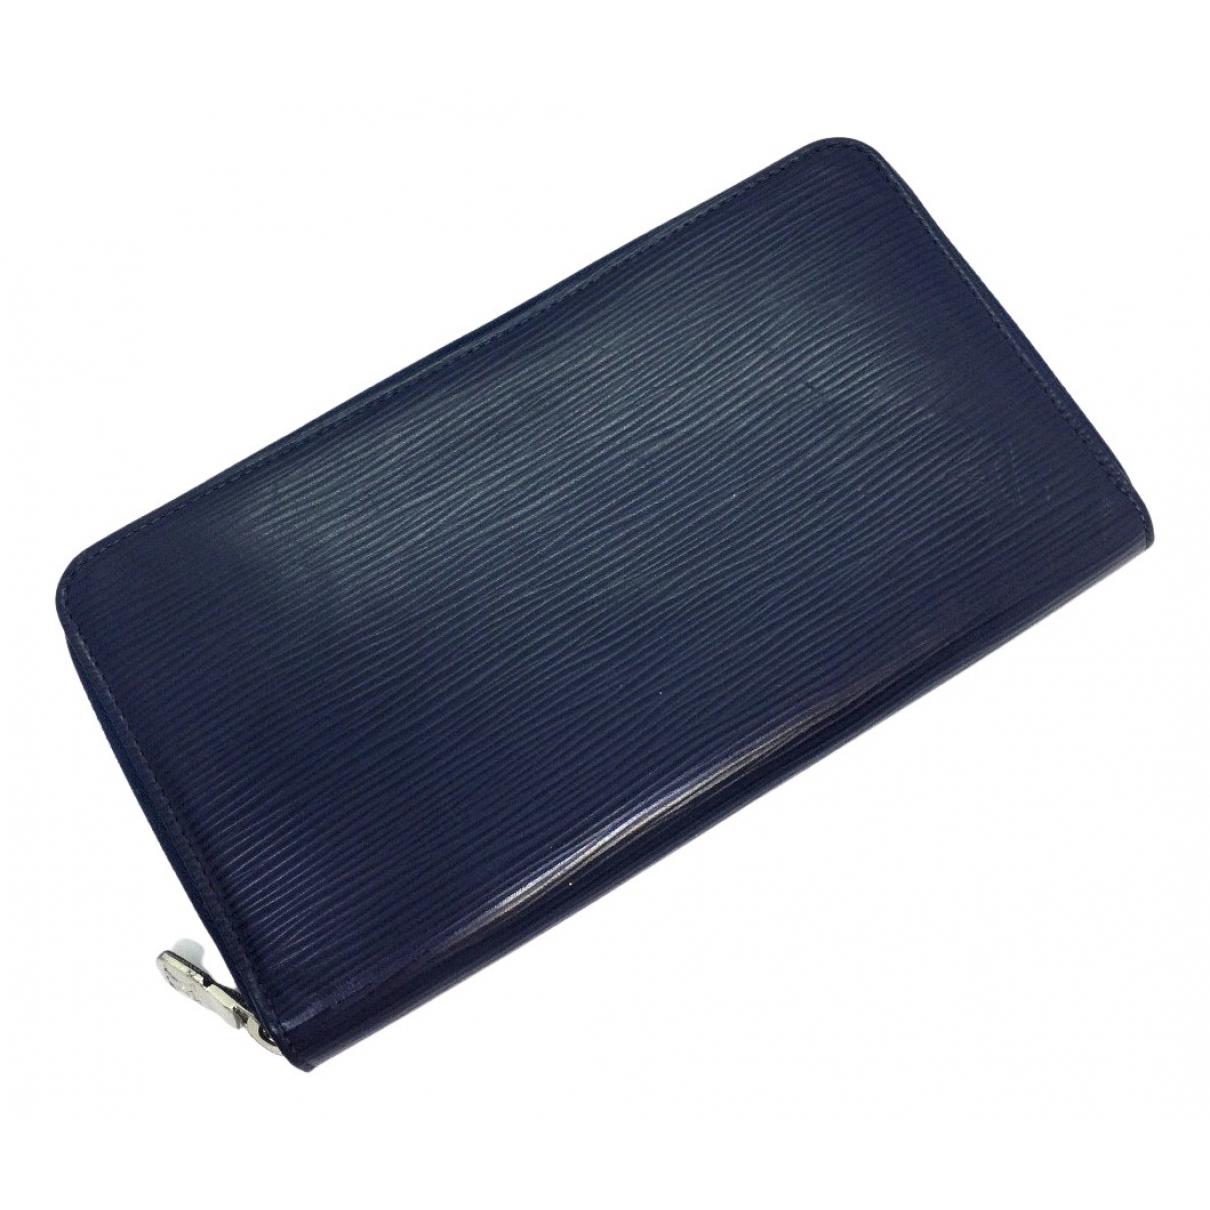 Louis Vuitton - Petite maroquinerie   pour homme en cuir - marine